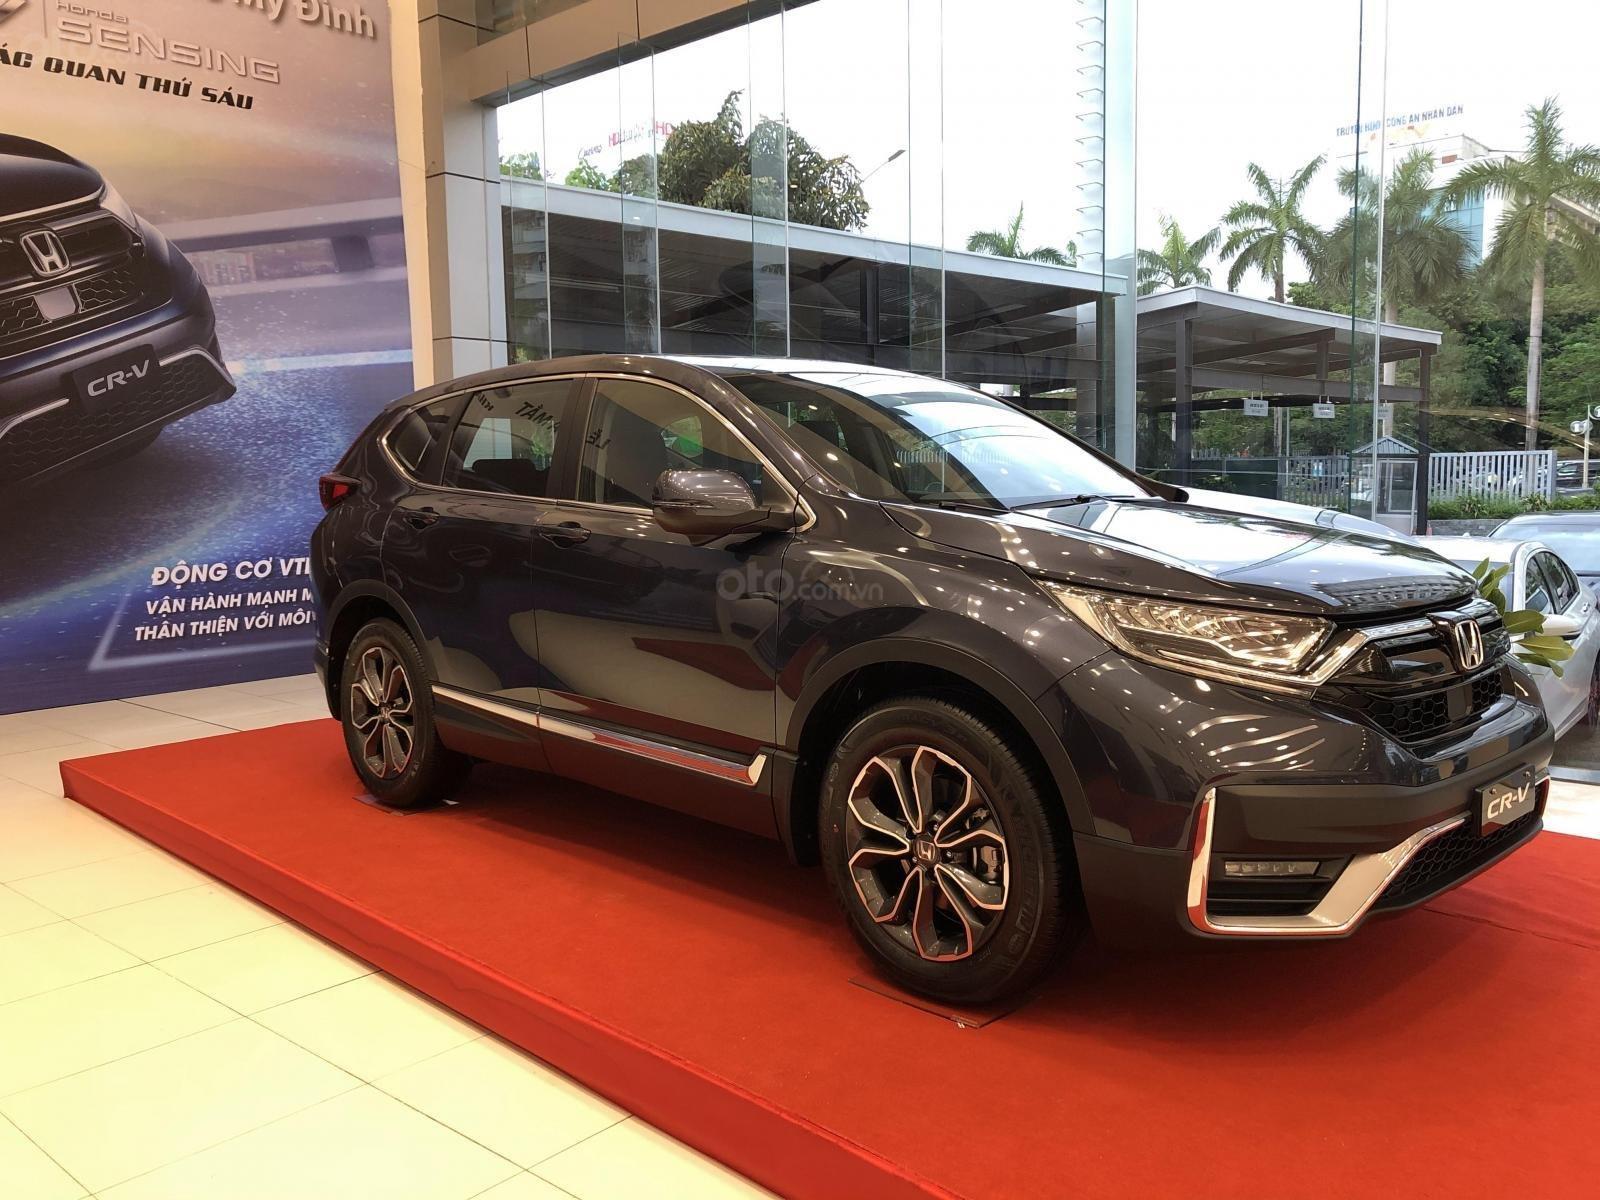 Honda CRV giá tốt miền Bắc - ưu đãi khủng tặng ngay tiền mặt + phụ kiện lên tới 140tr, trả góp 85% lãi suất ưu đãi (2)